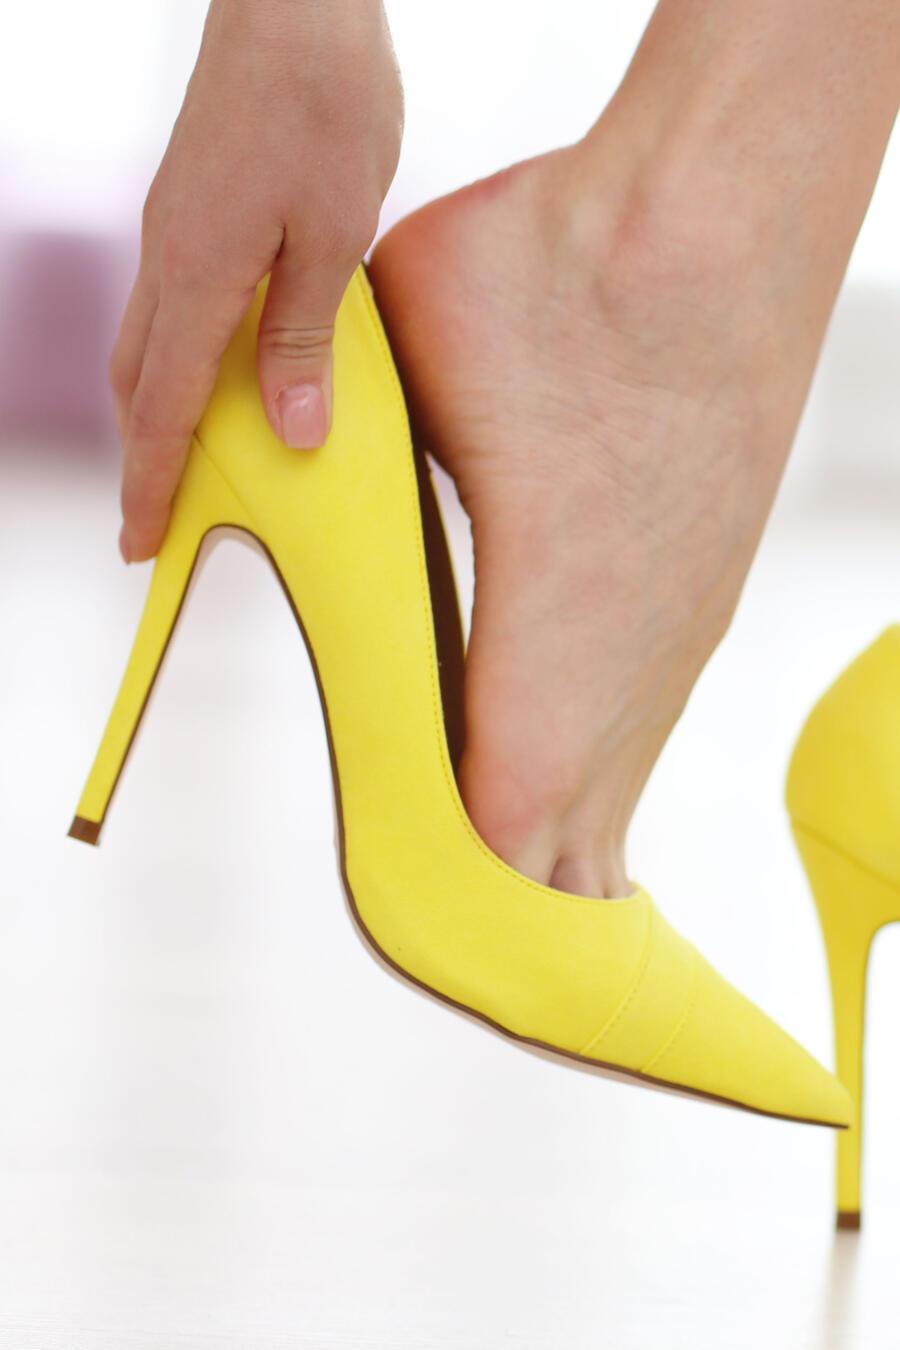 Piernas de mujer con zapatos amarillos de tacón